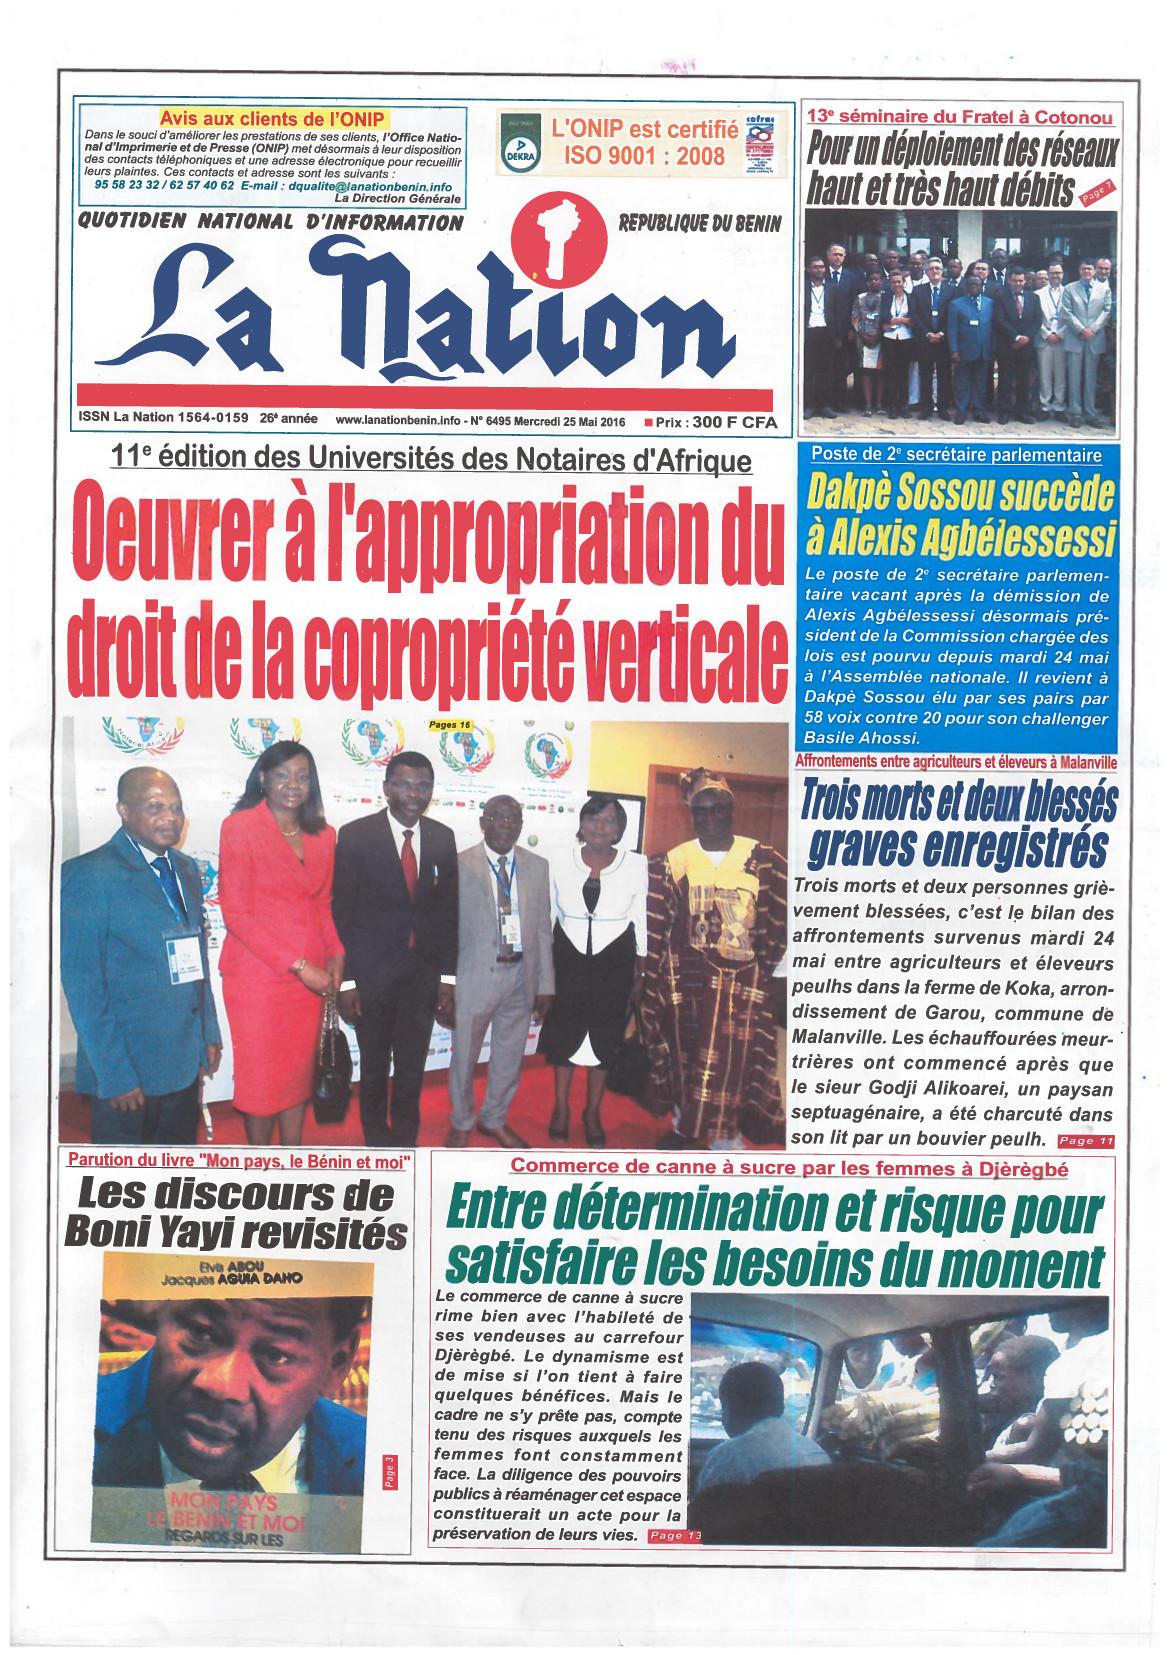 Première page du journal la Nation de la république du Bénin sur l'Université du Notariat d'Afrique à Cotonou